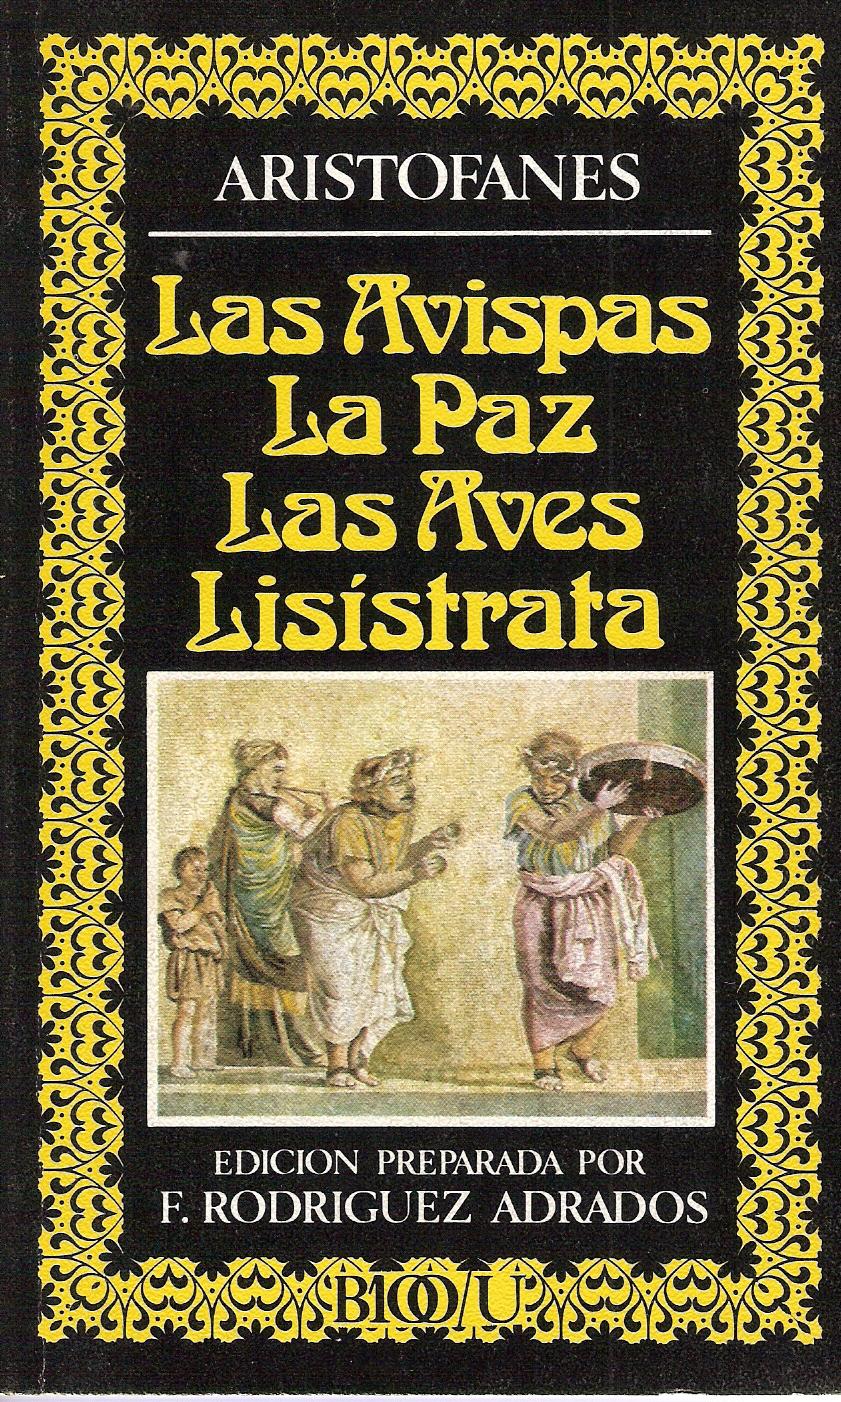 Las avispas - La Paz- Las aves - Lisístrata